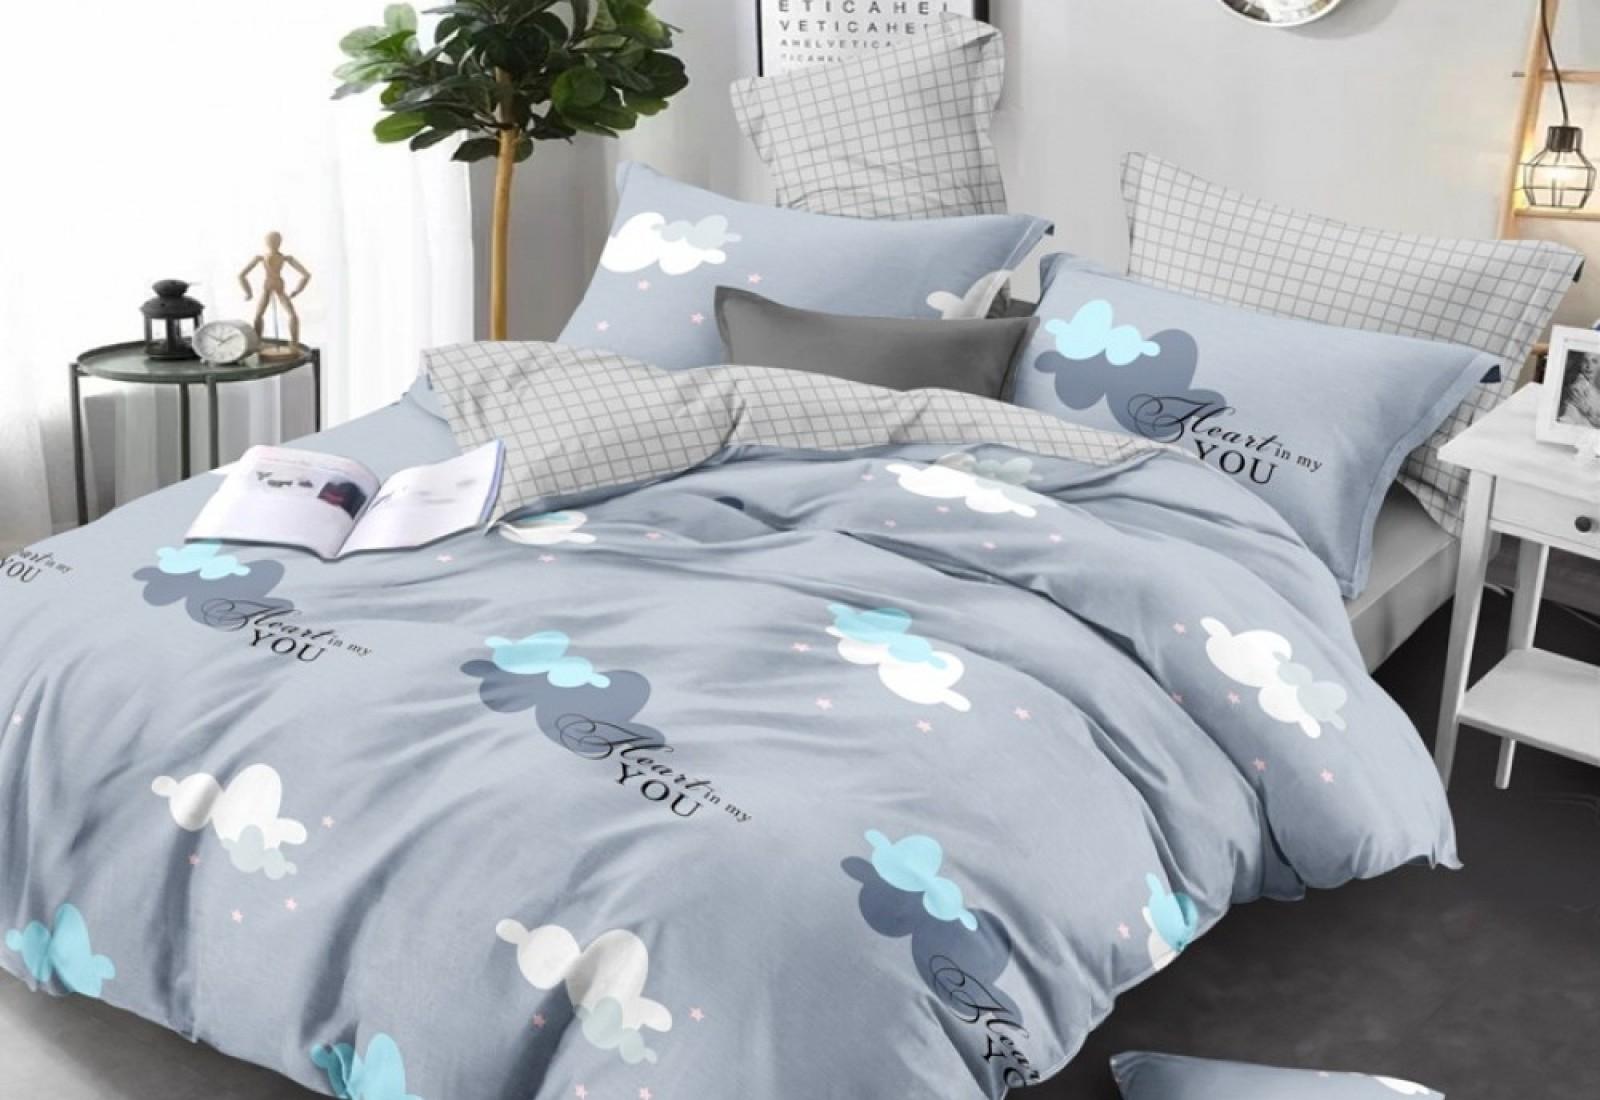 Семейное постельное белье САТИН 100% хлопок